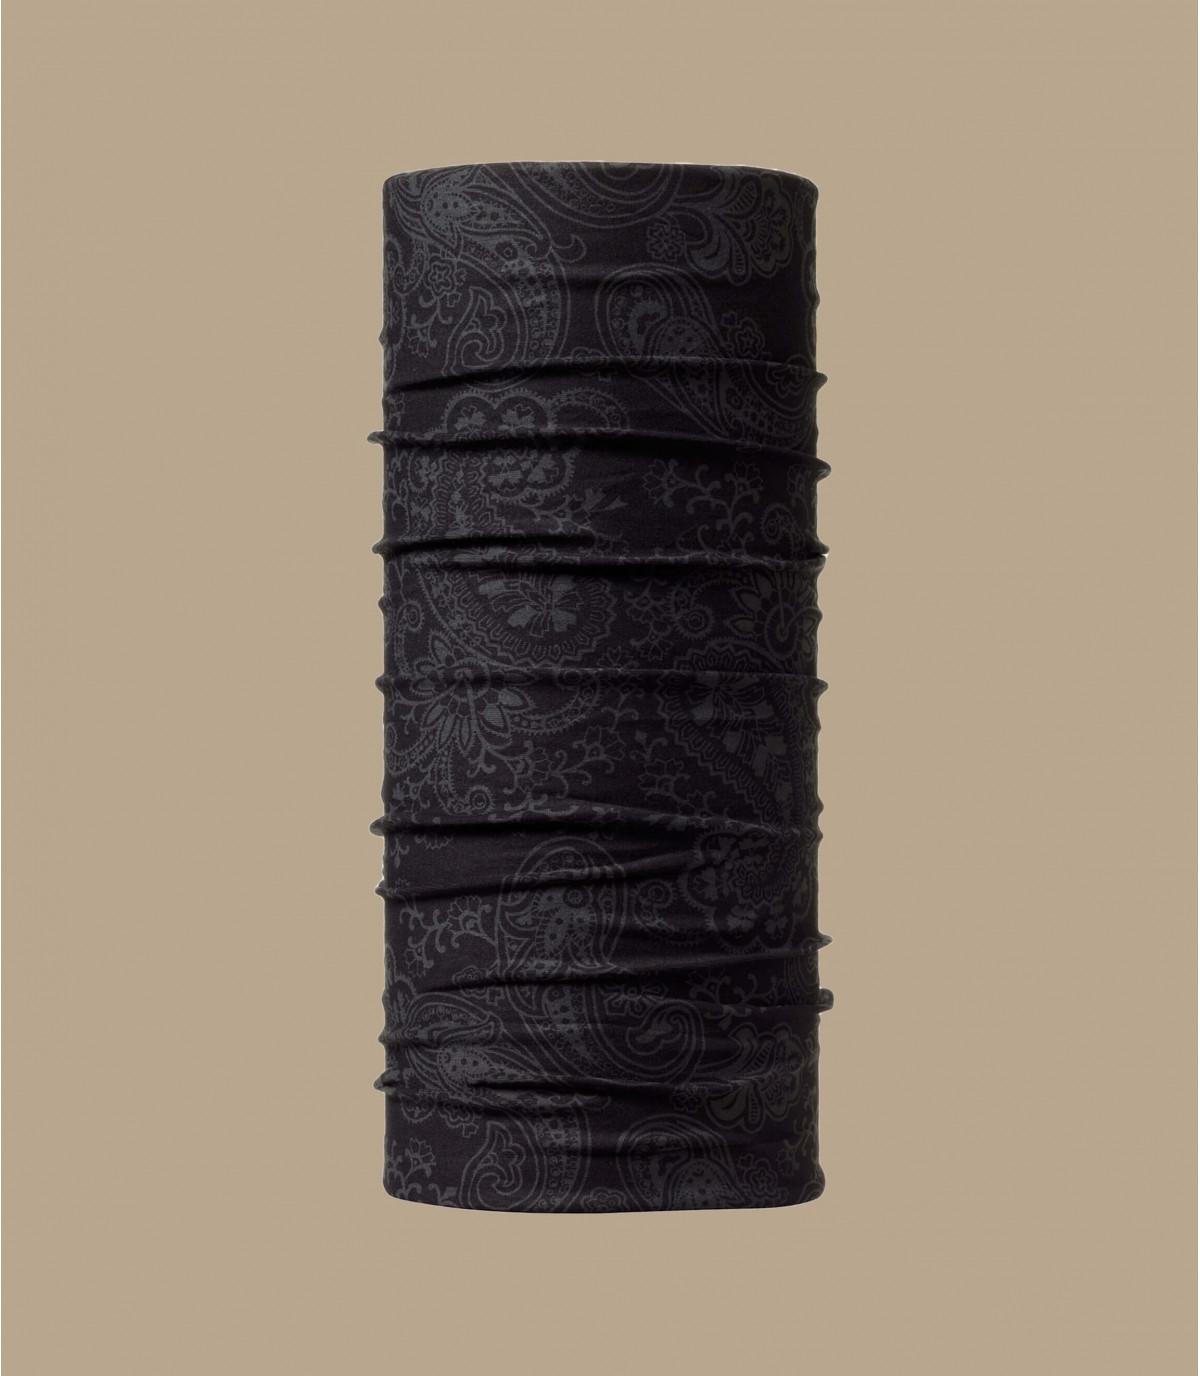 tour de cou Buff noir motif